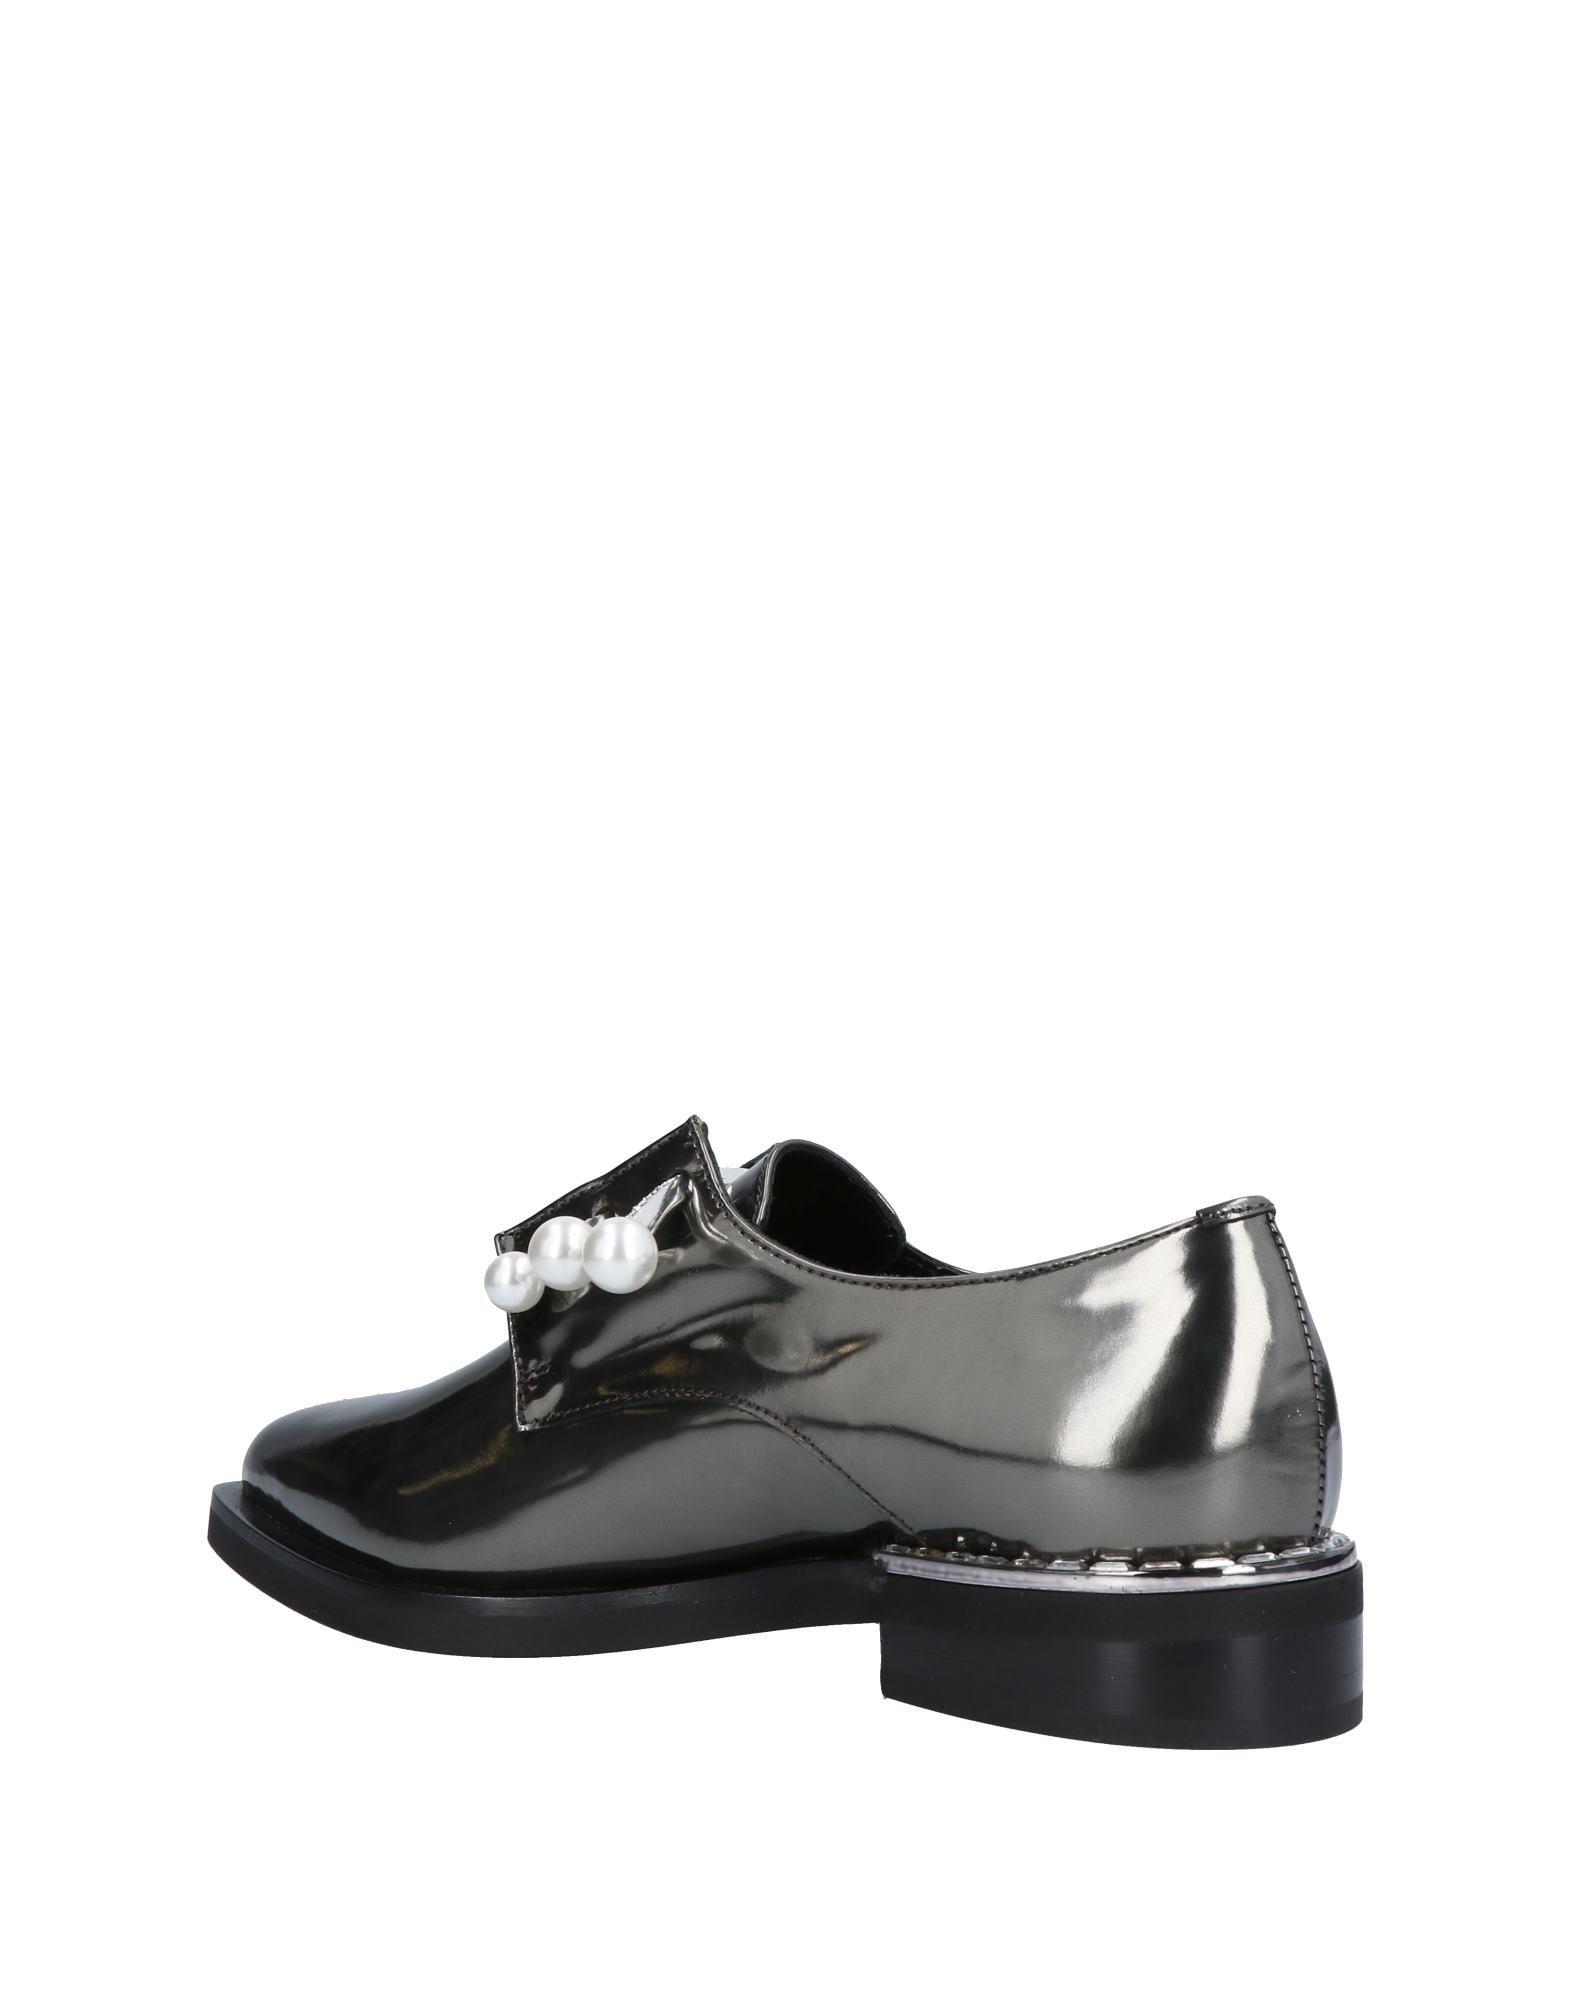 Coliac Martina Grasselli Mokassins Damen Schuhe  11465401PAGünstige gut aussehende Schuhe Damen 03291d